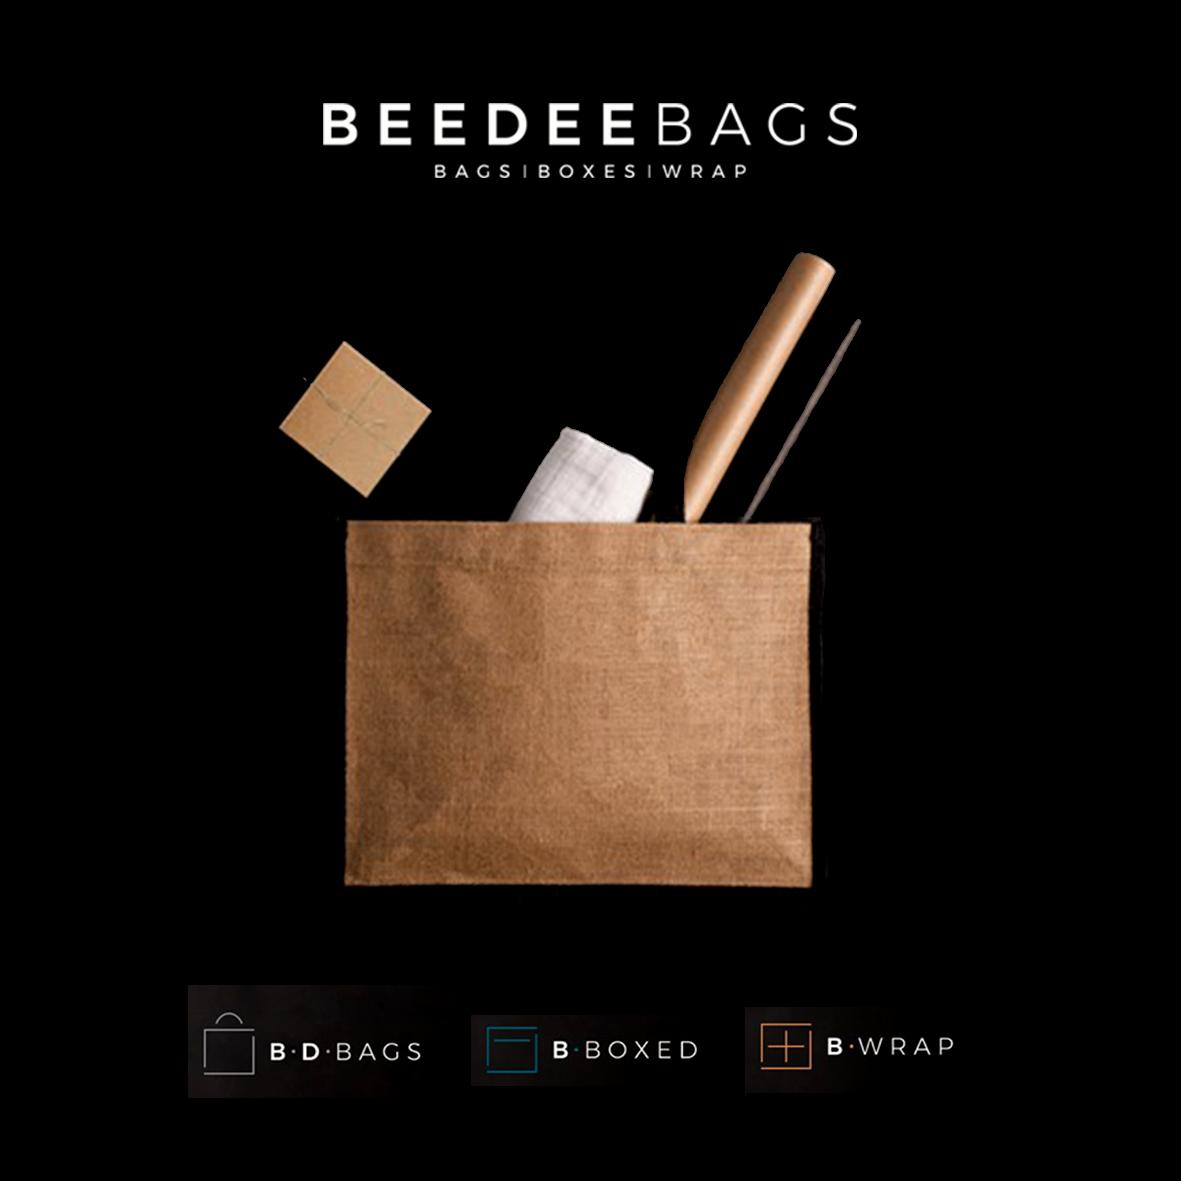 Bee Dee Bags.jpg